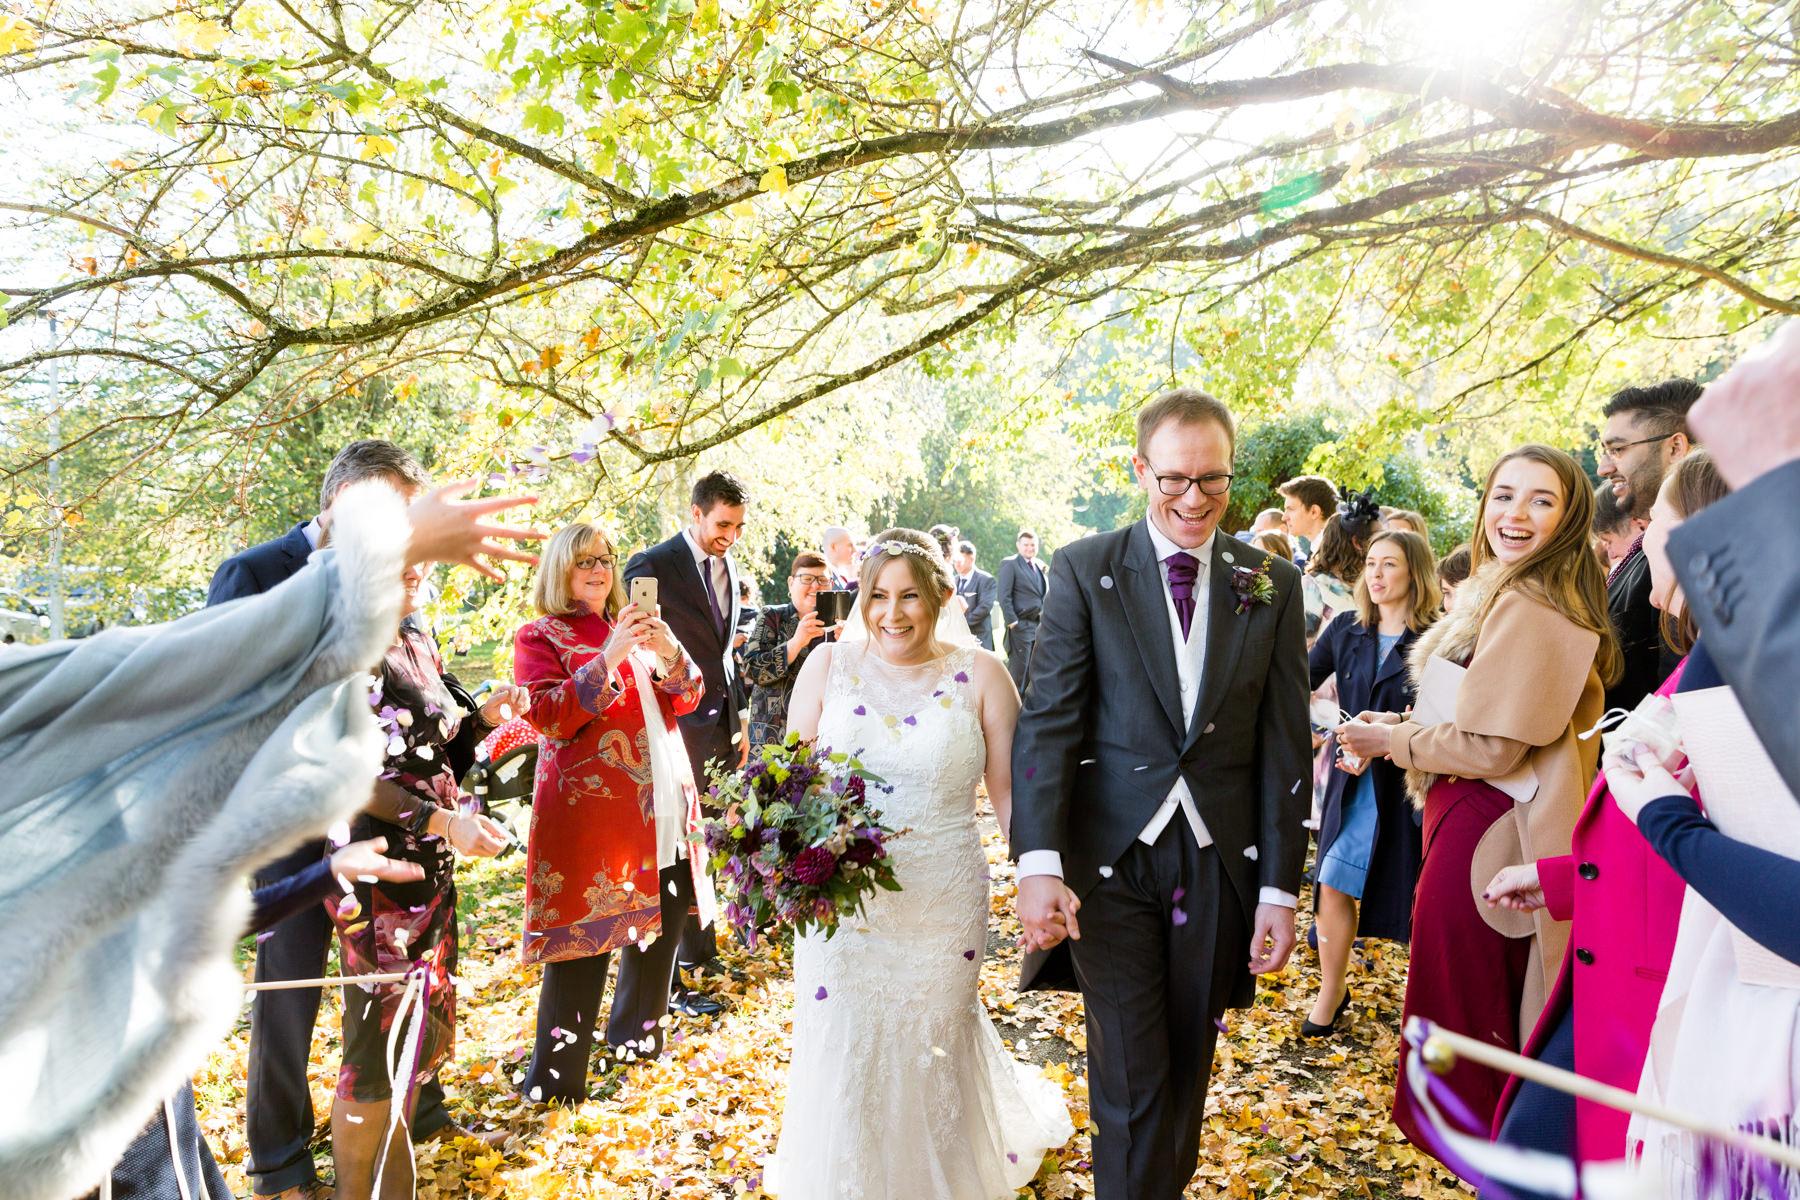 größte Auswahl schnelle Farbe super günstig im vergleich zu William Cecil Hotel Stamford Documentary Wedding Photography